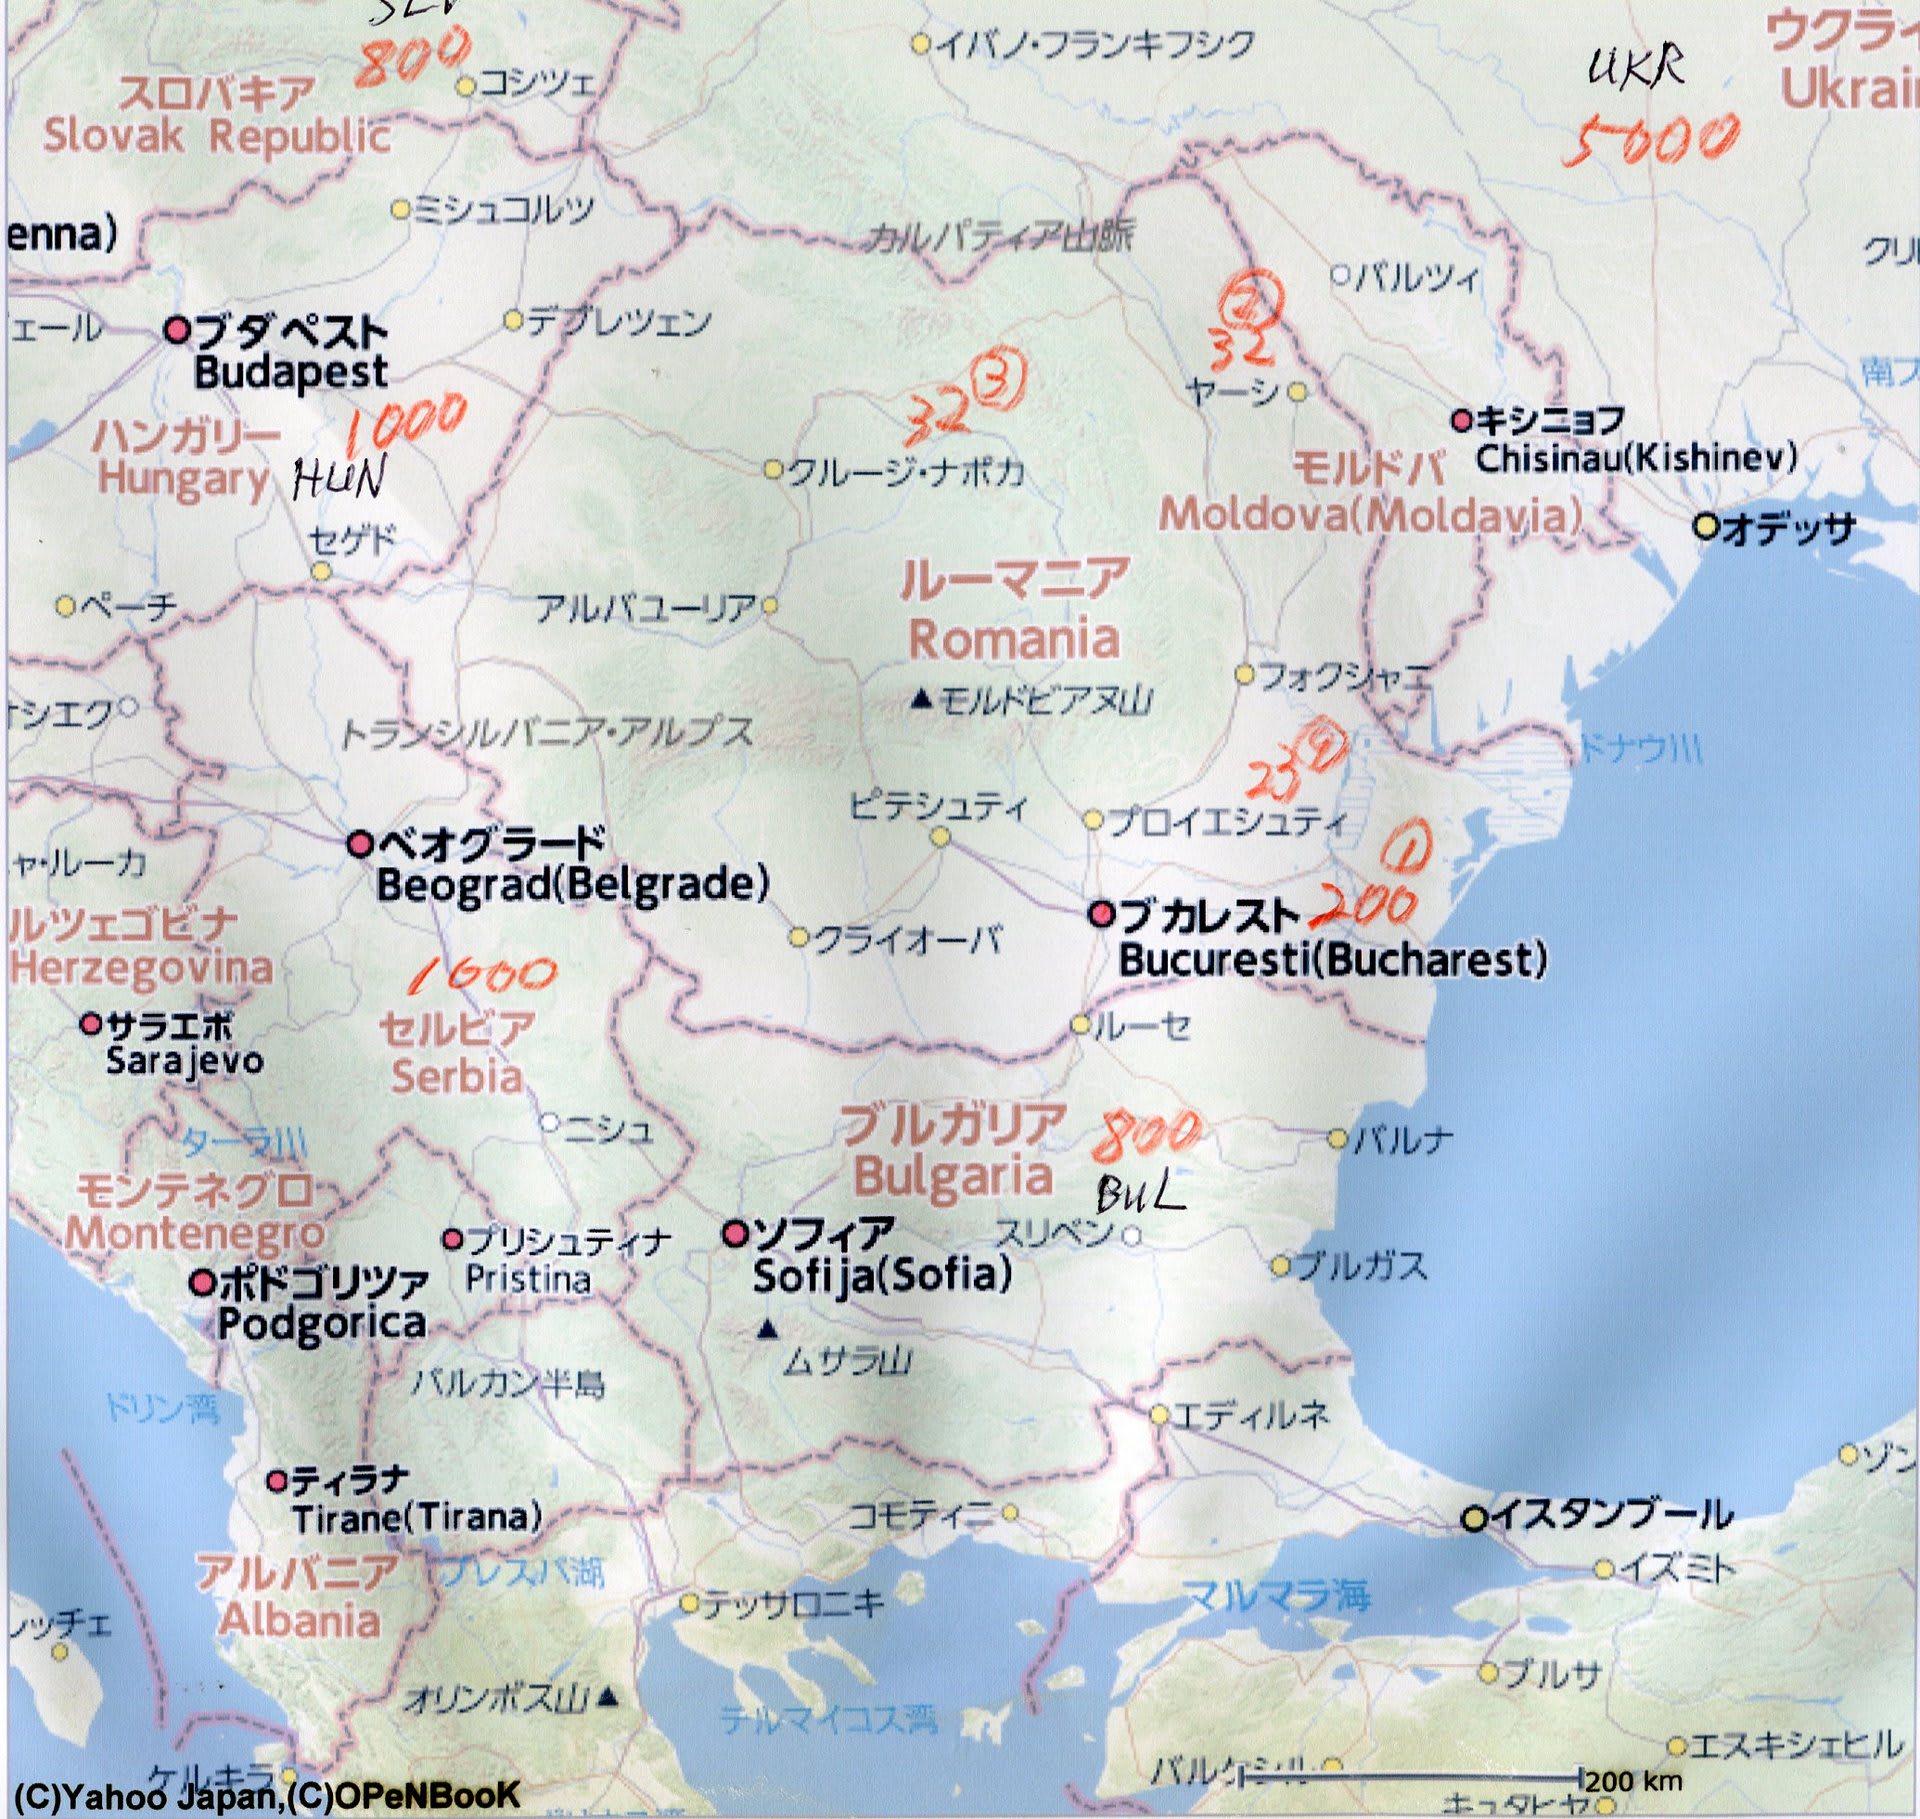 ルーマニアの都市の一覧 - List of cities and towns in RomaniaForgot Password